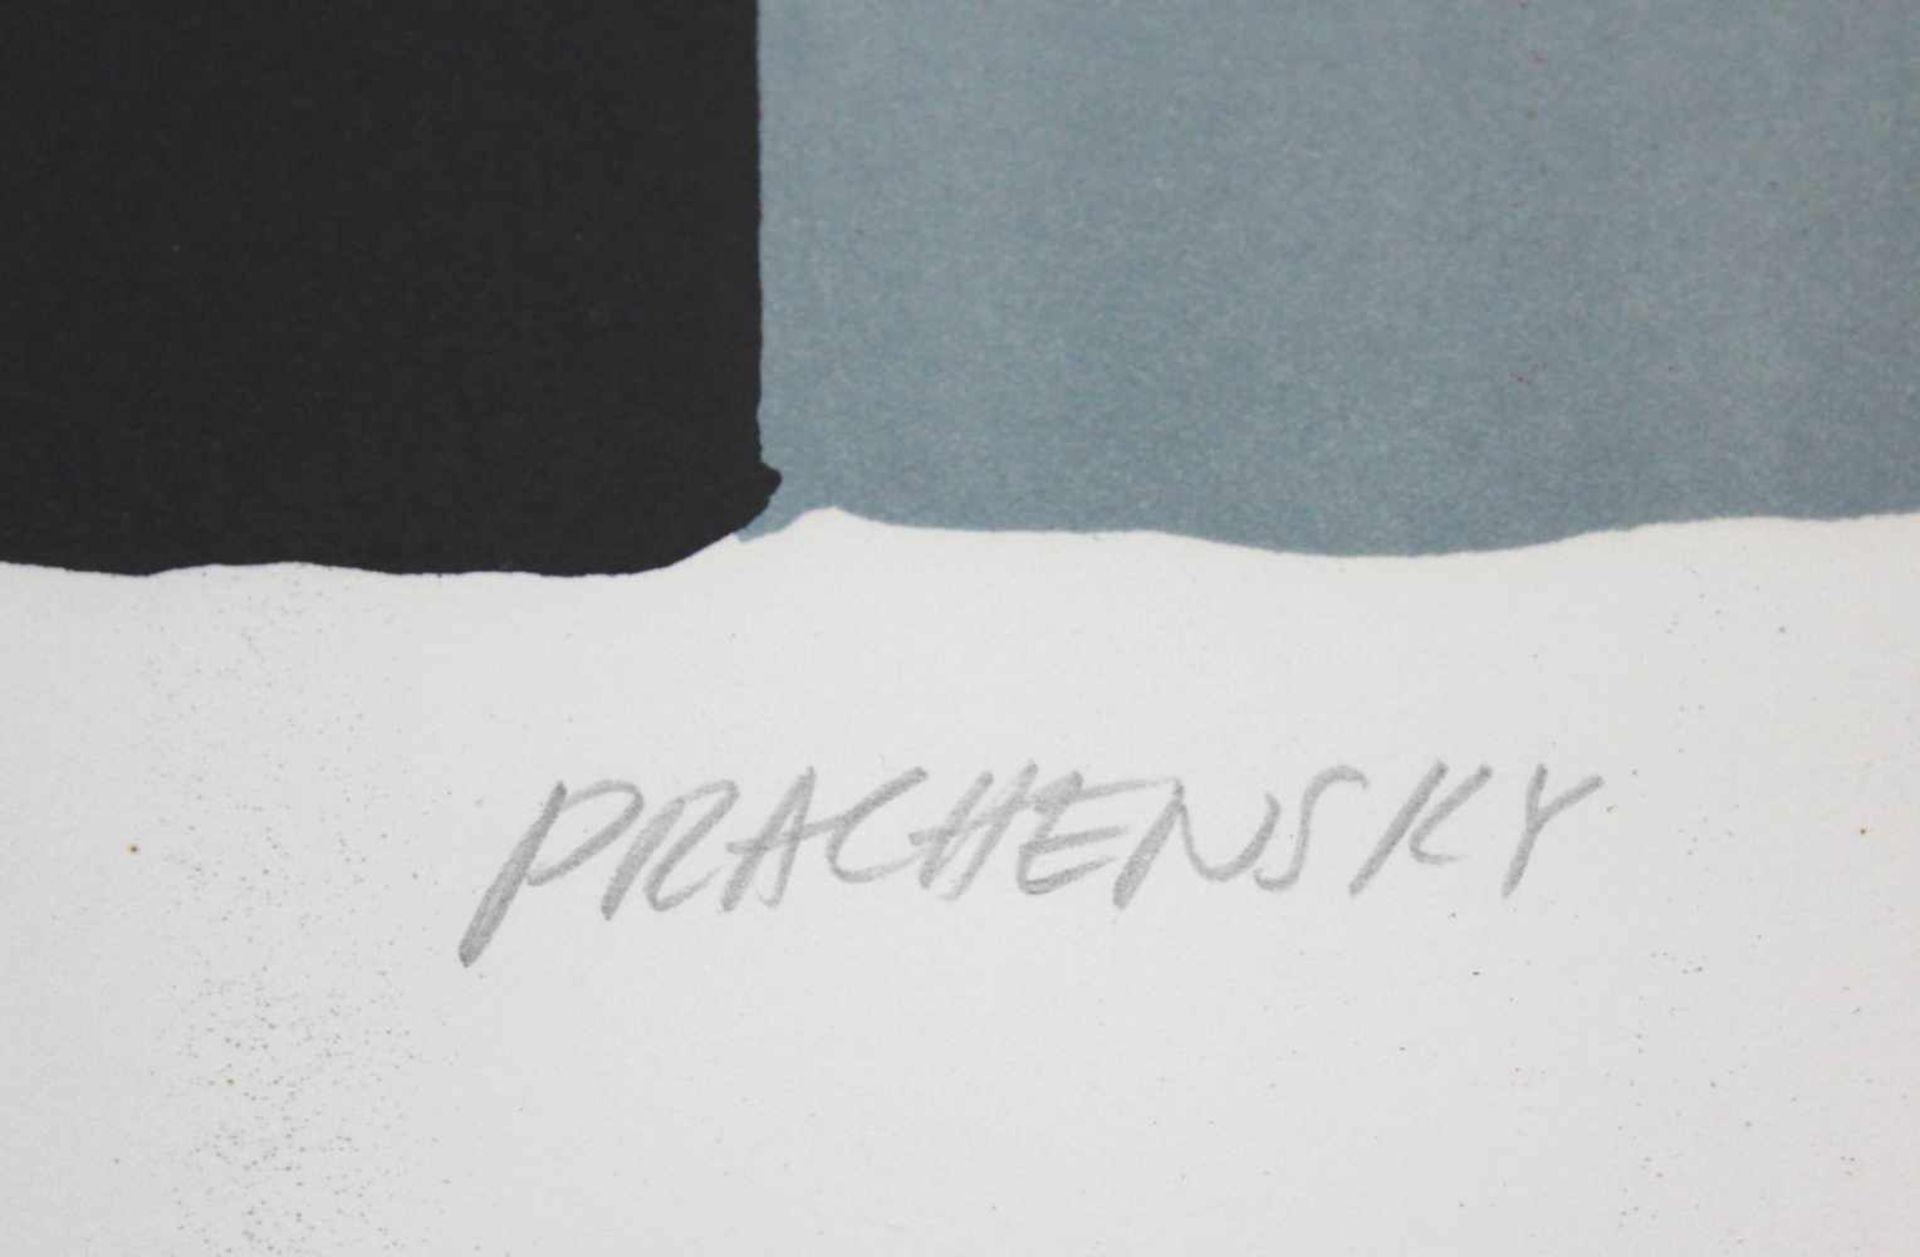 Markus Prachensky 1932-2011 Geometrische Komposition 1950/60 Farblithographie handsigniert und - Bild 3 aus 4